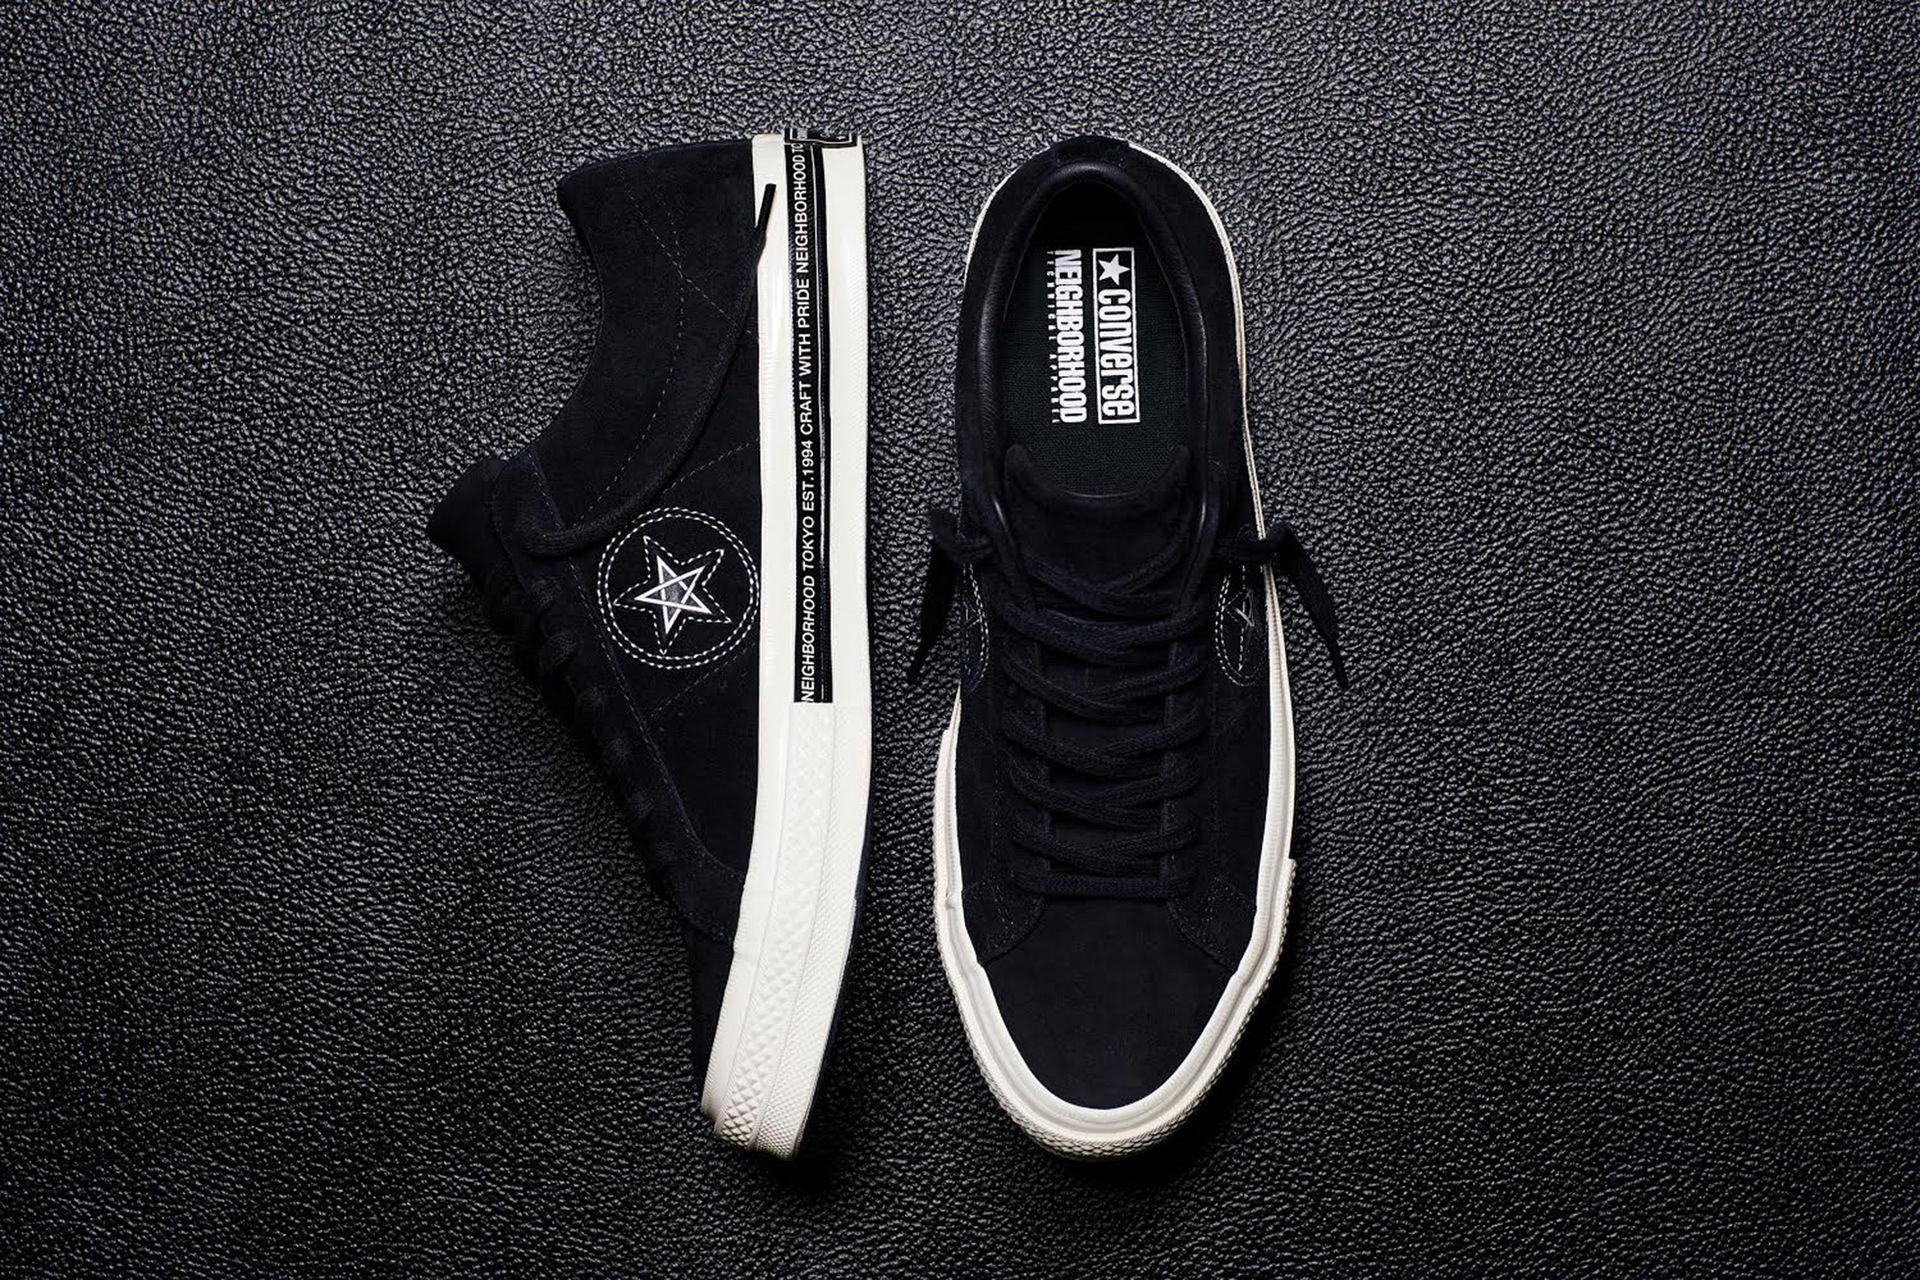 Converse och Neighborhood släpper skor